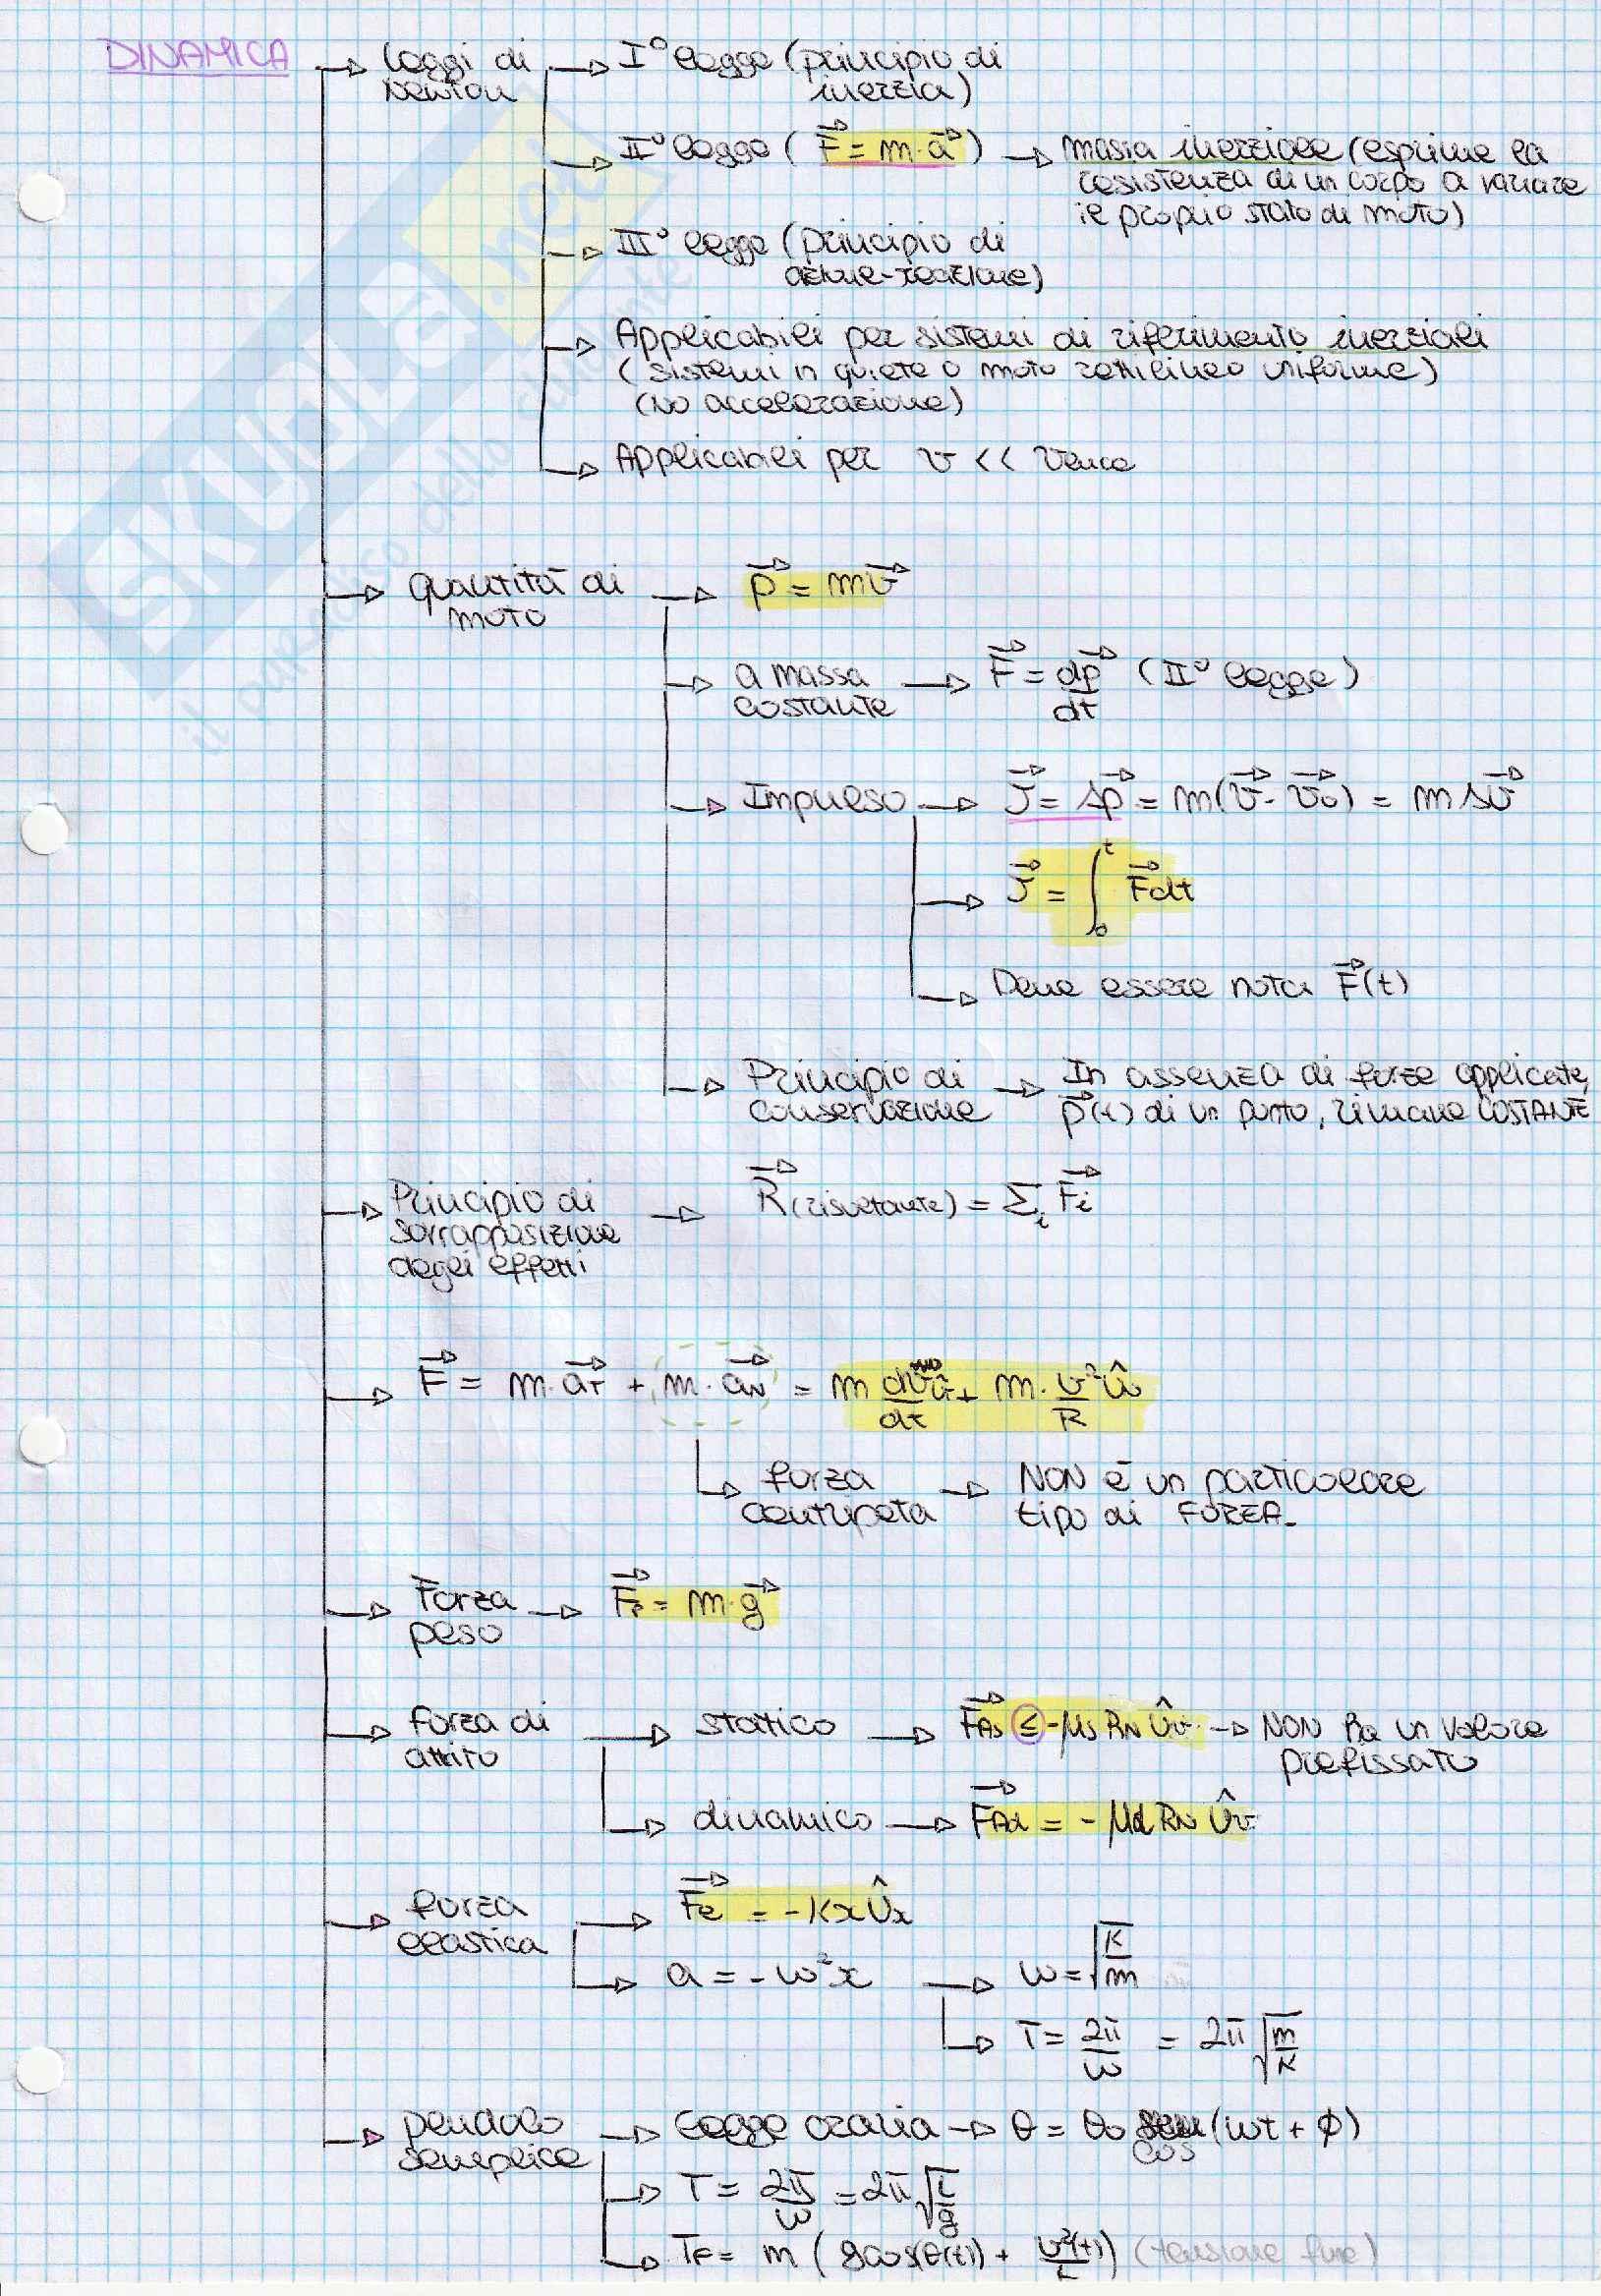 Fisica sperimentale(meccanica, termodinamica, elettromagnetismo) schemi a cascata + dimostrazioni Pag. 2